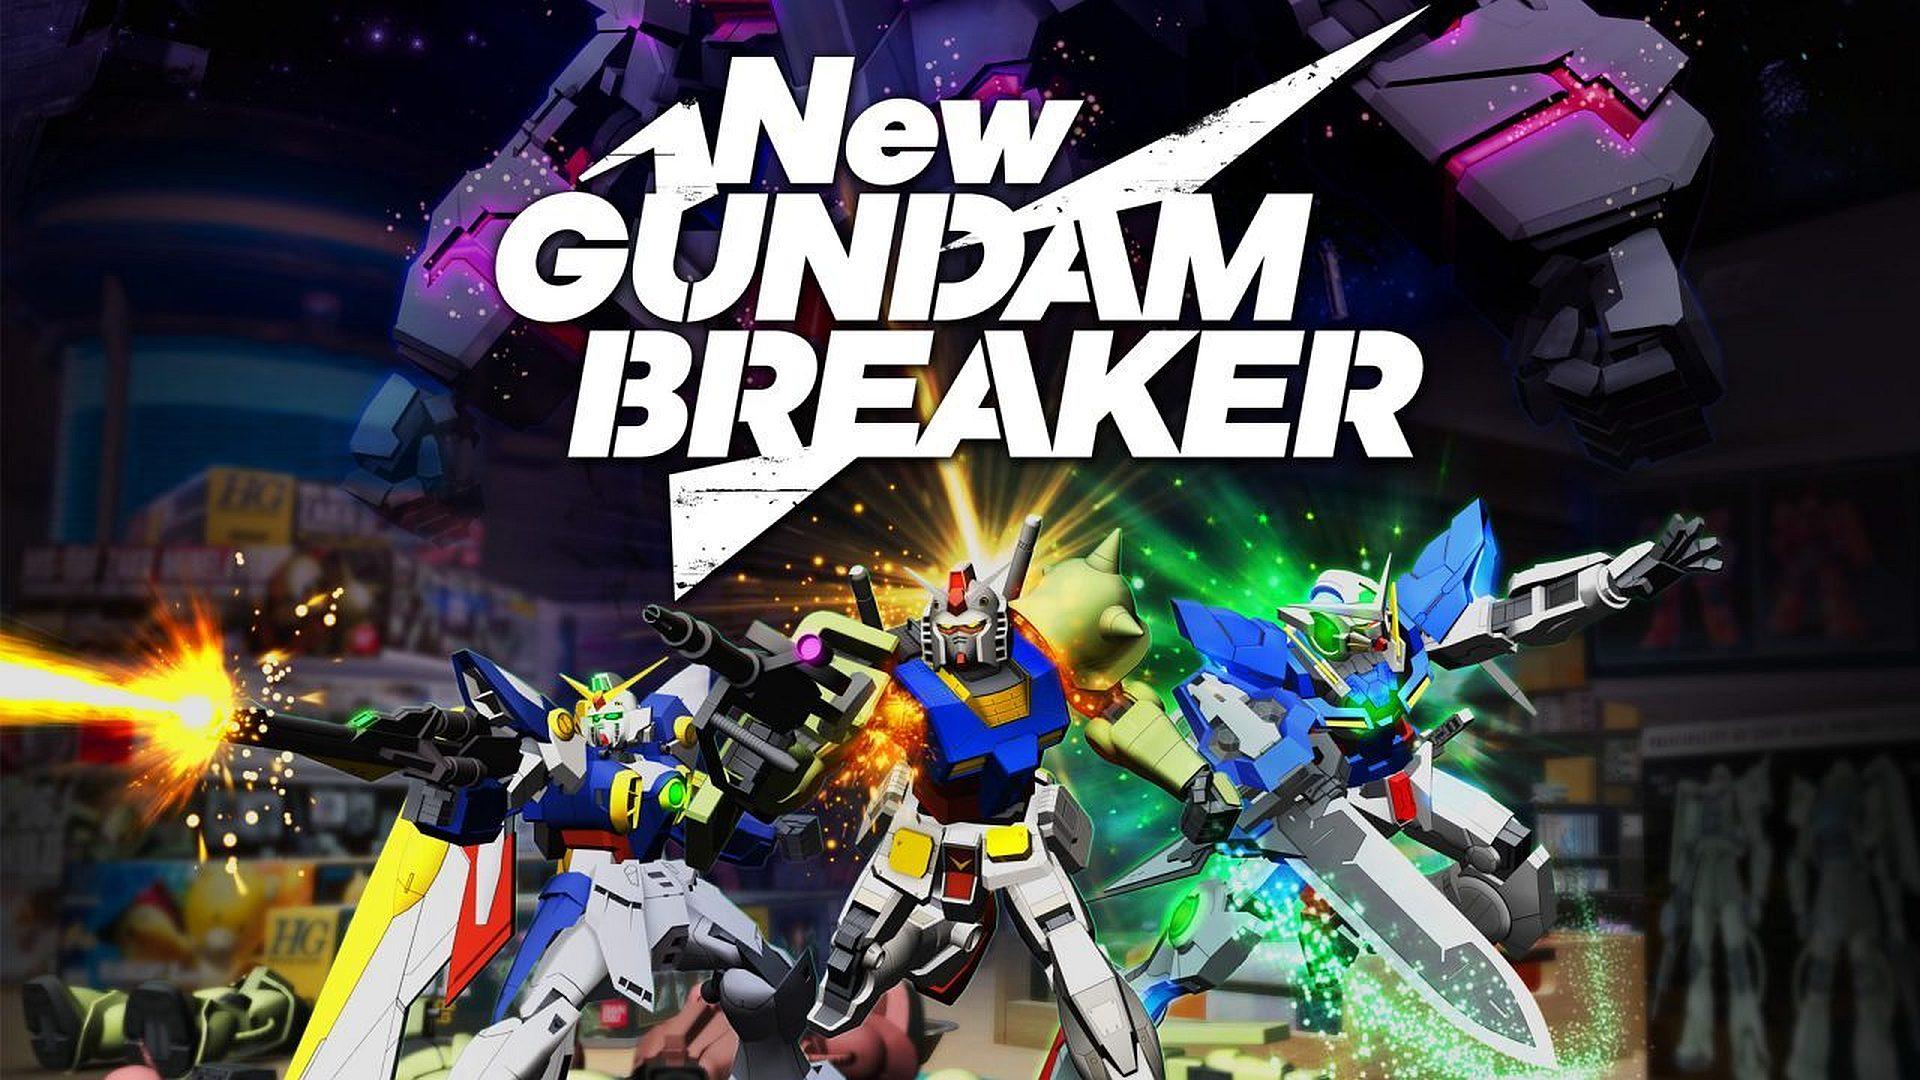 new-gundam-breaker-cover